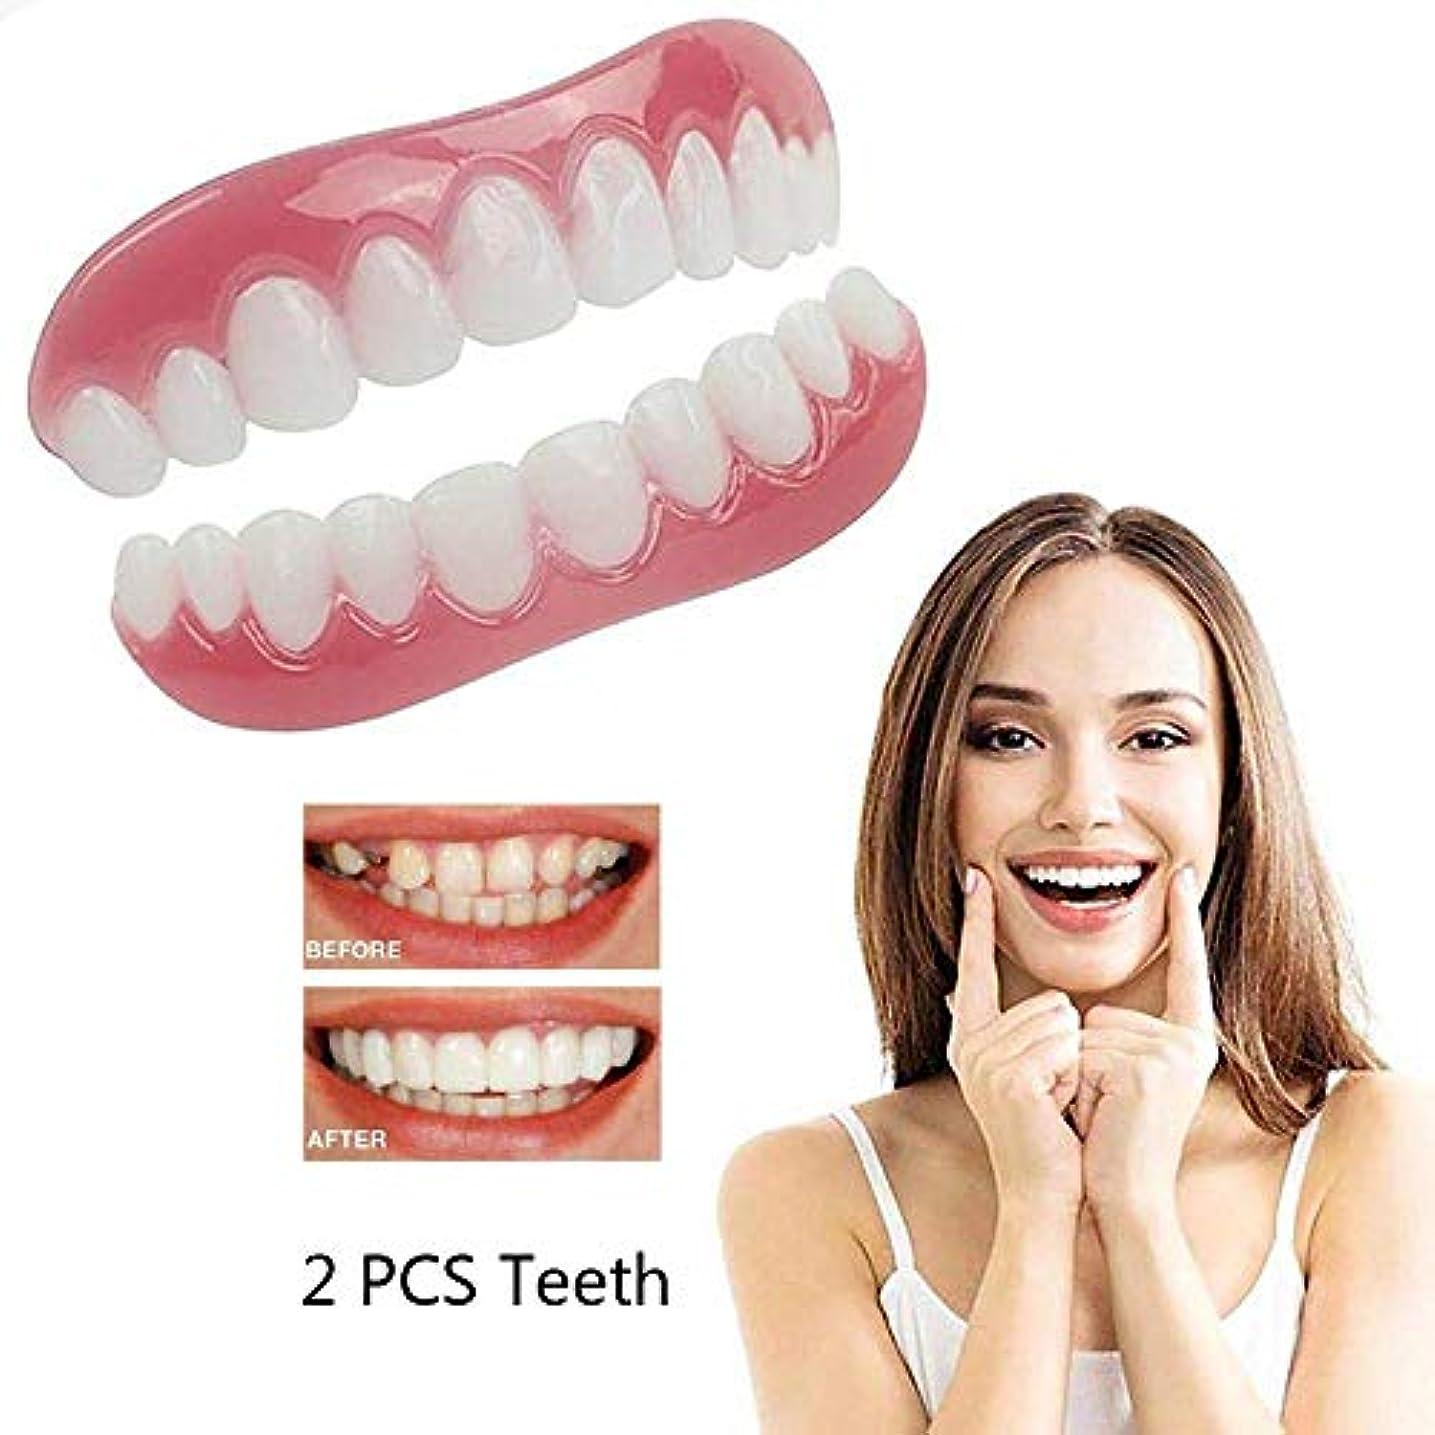 いくつかの調整可能トランペット化粧品の歯のホワイトニングパーフェクトフィットスナップオンスマイルトップとボトムの偽歯インスタントプロテーゼスマイルコンフォートフィットフレックスオーラルケア